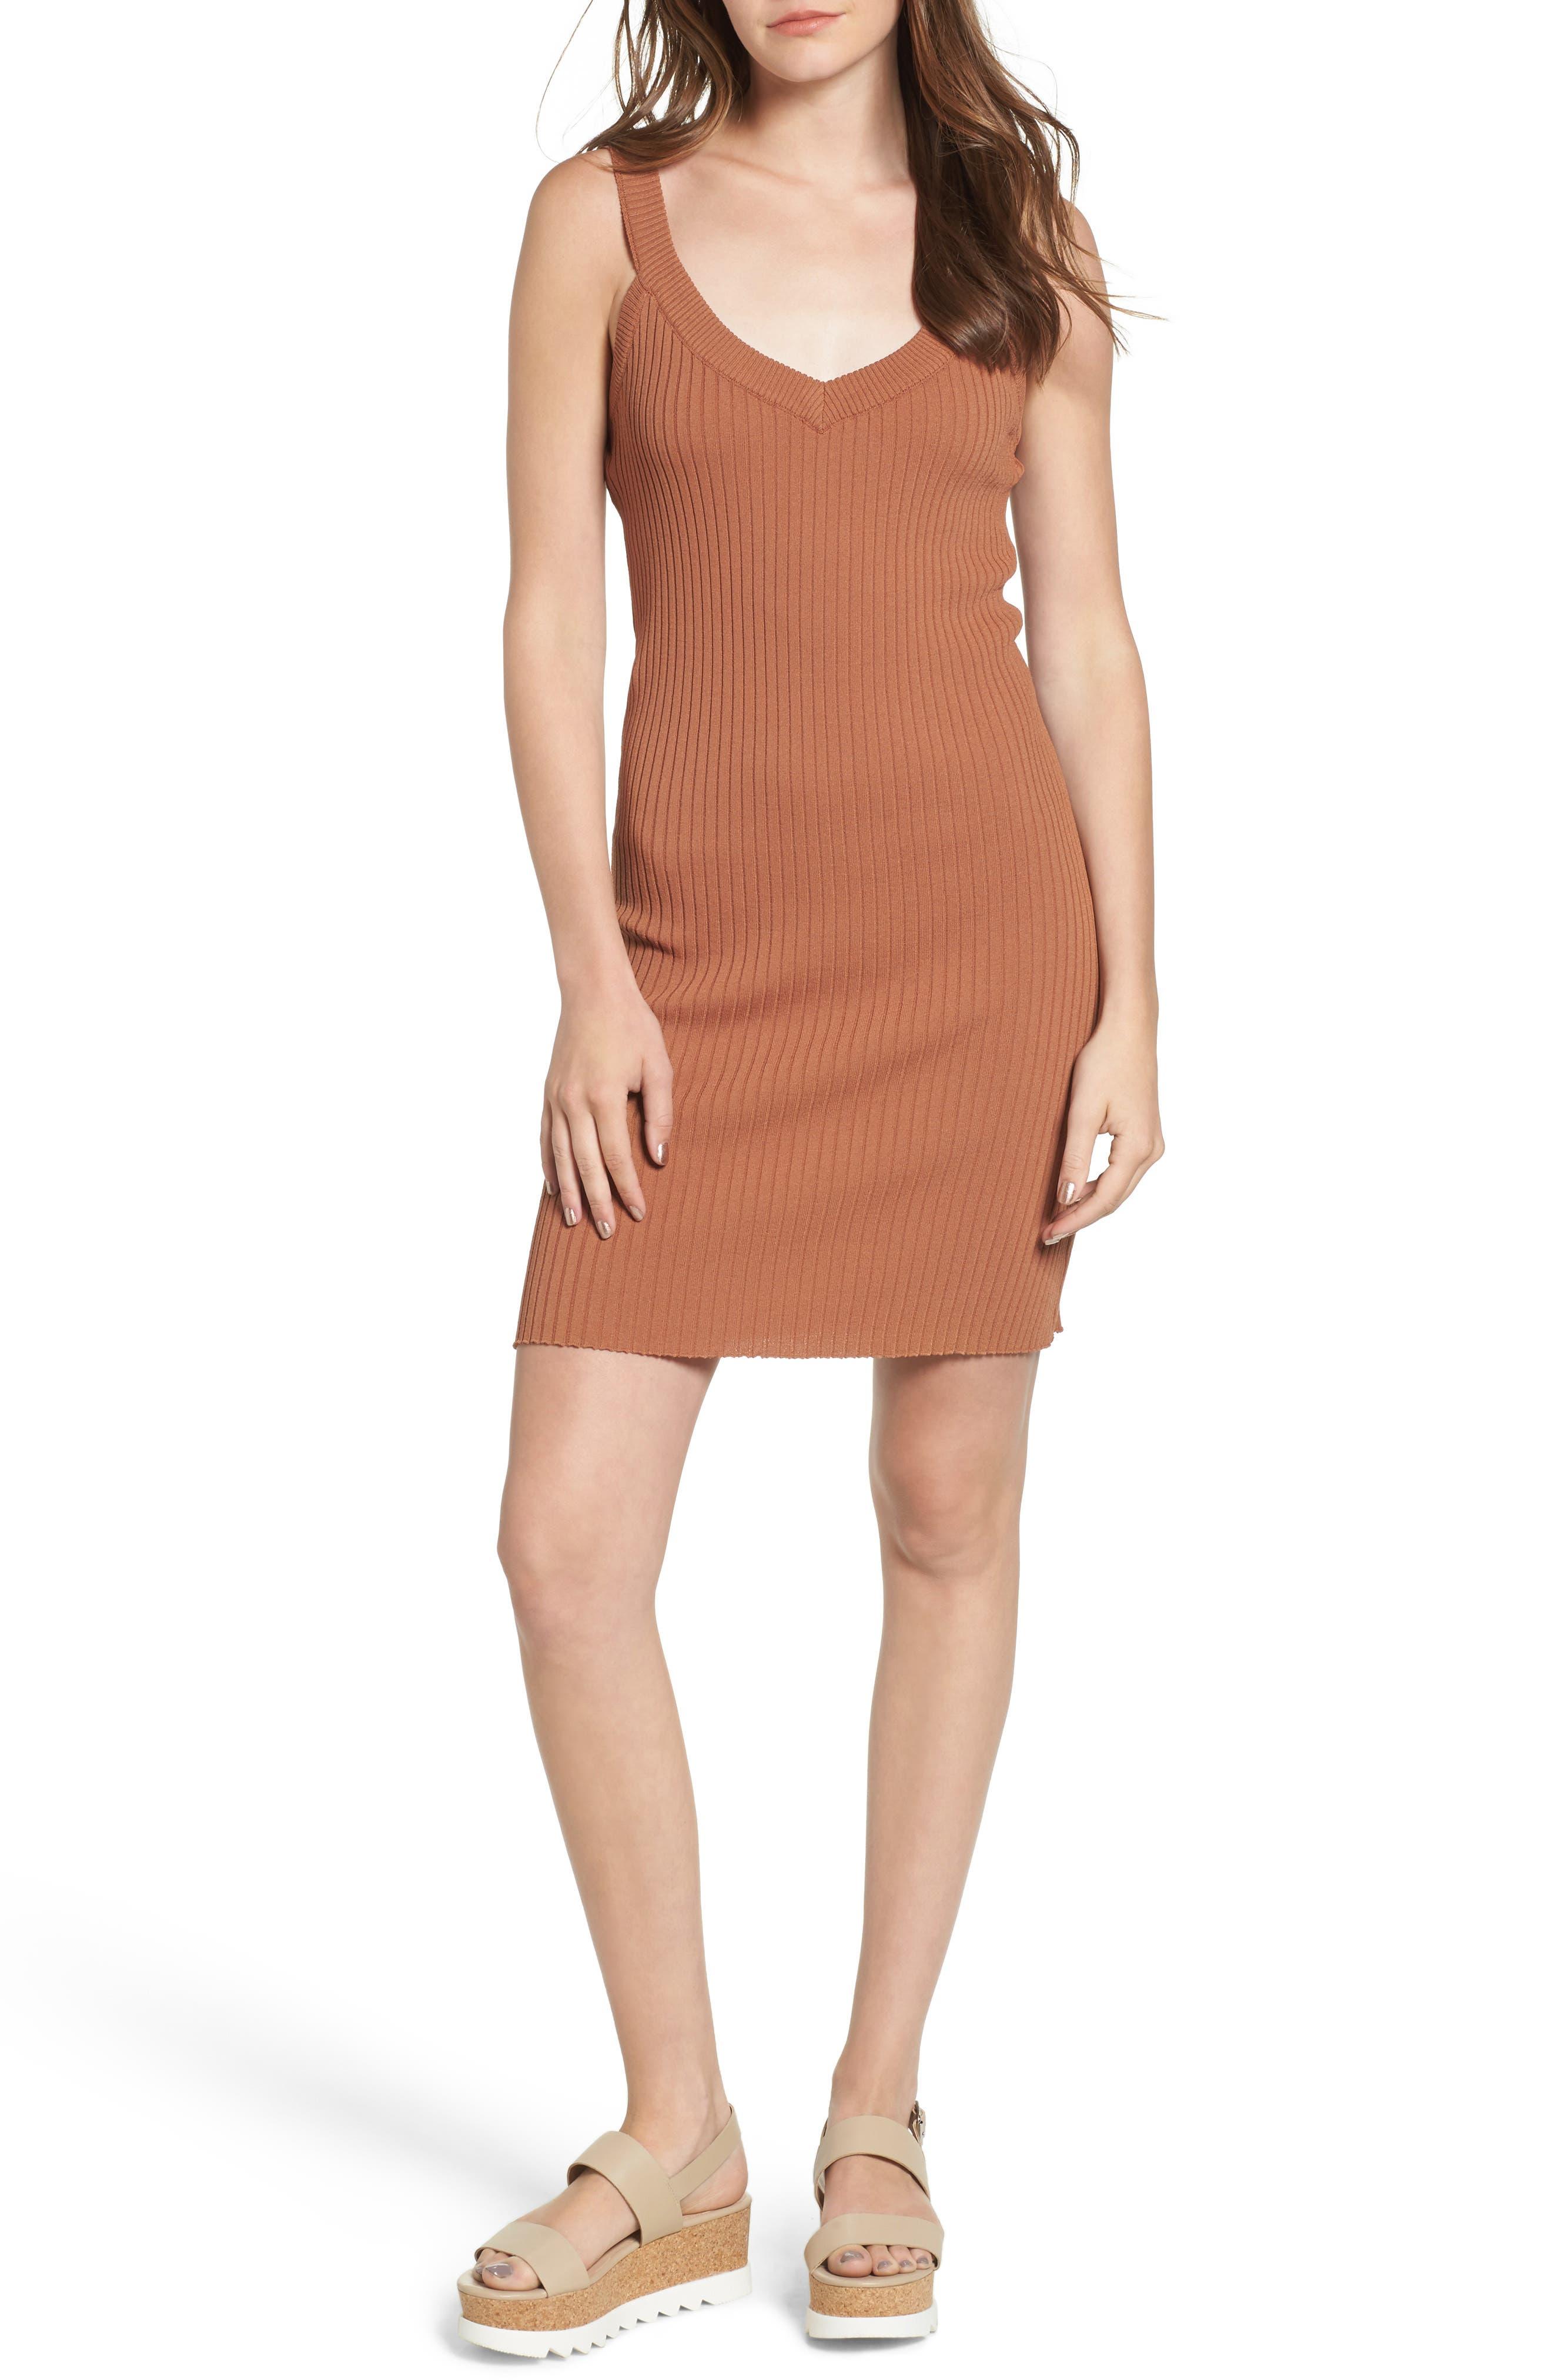 Somedays Lovin Pastel Skies Knit Dress